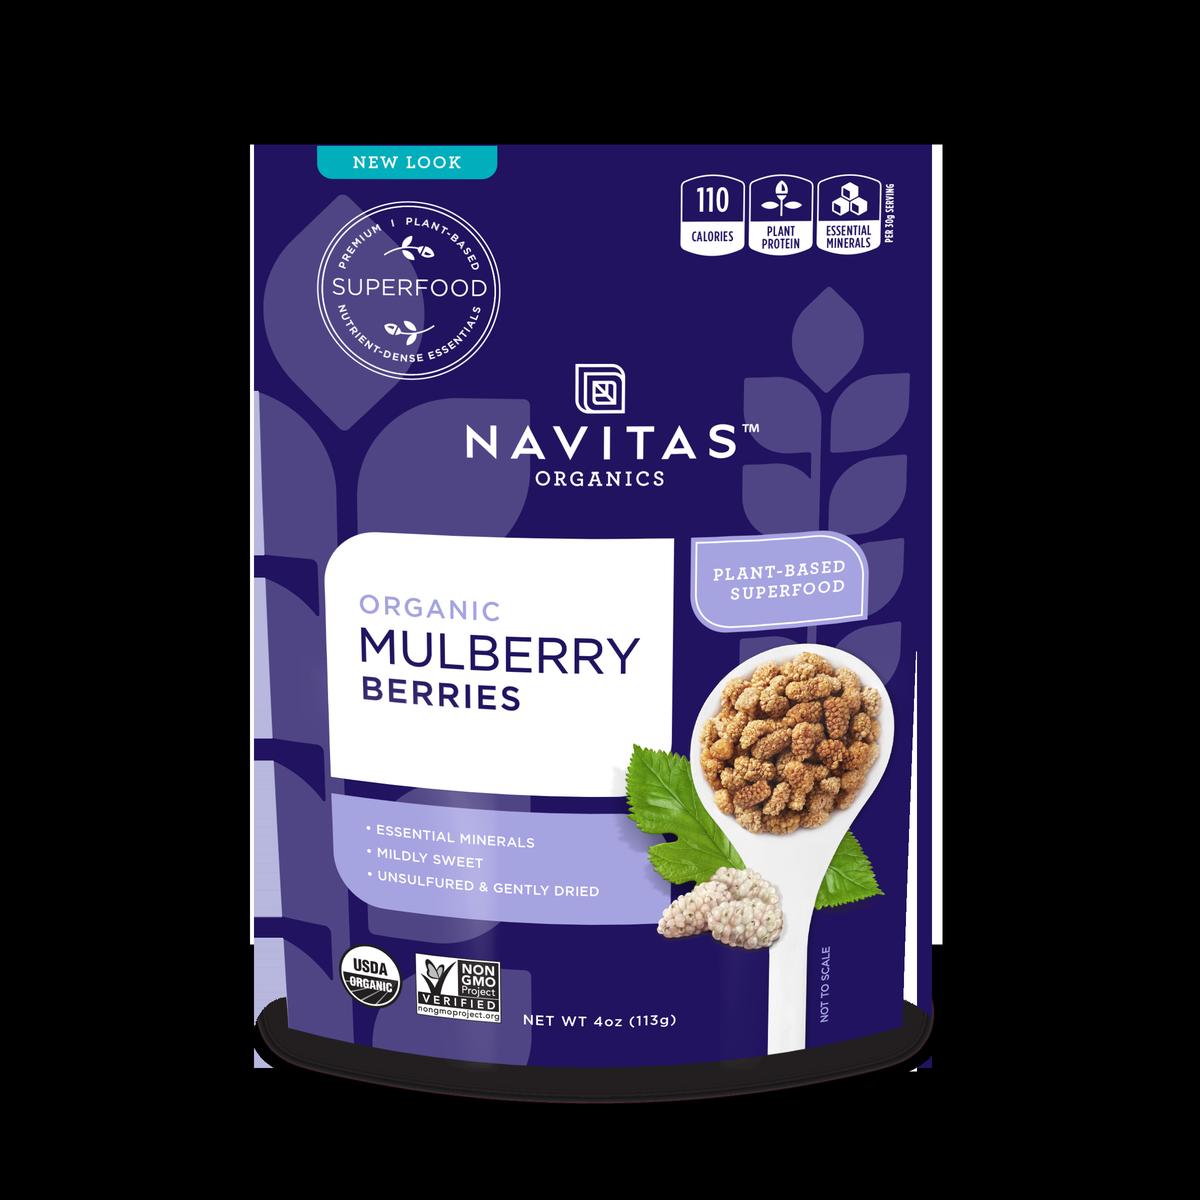 Navitas Organics Mulberry Berries, 4.0 Oz, 4 Servings